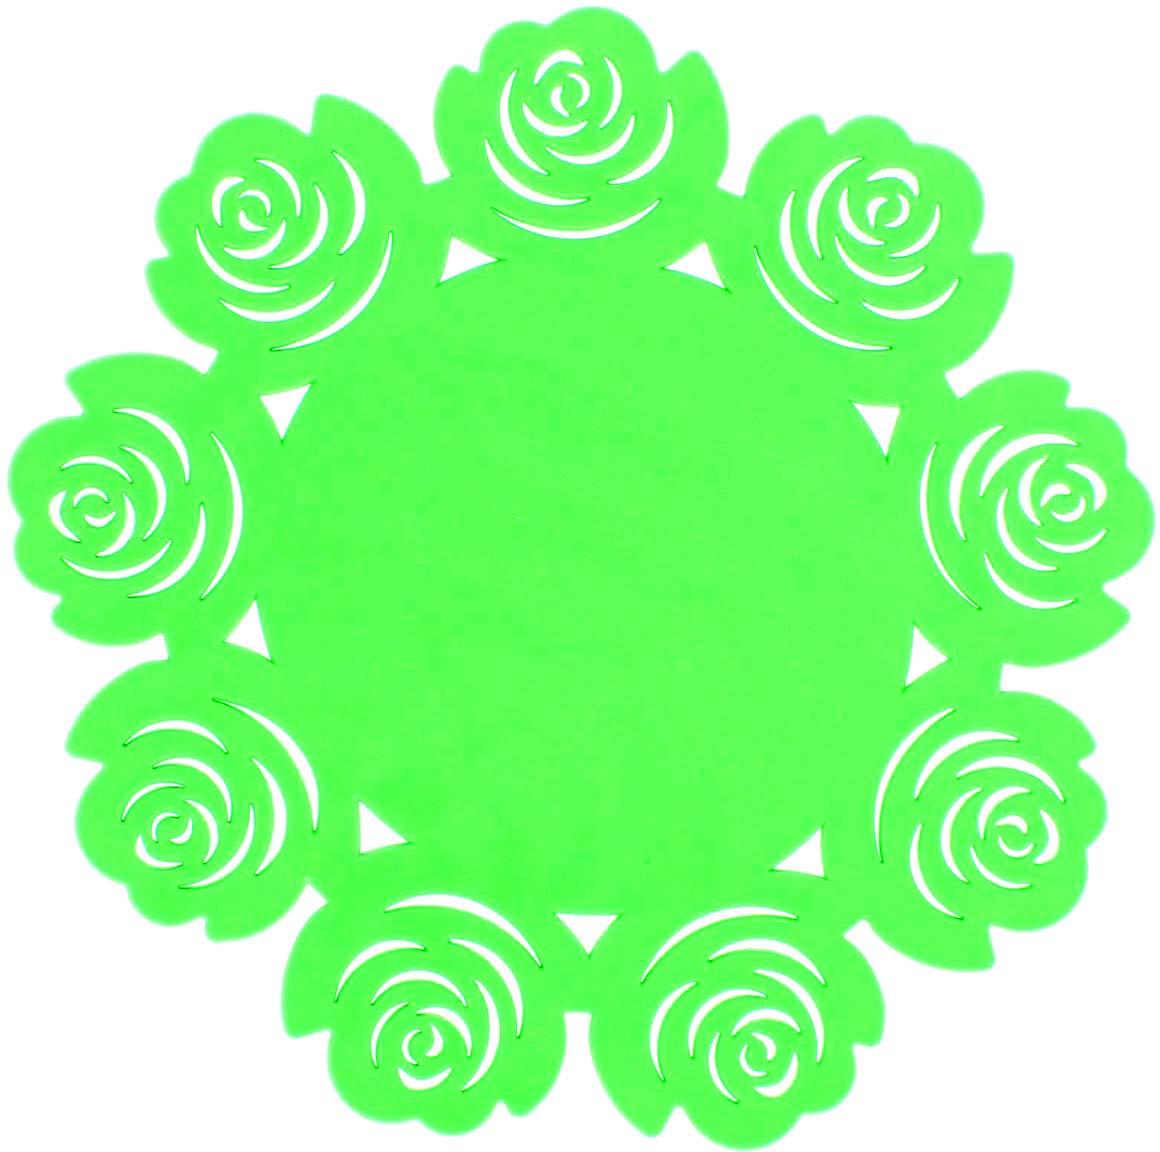 Набор подставок под горячее Доляна Летний домик, цвет: салатовый, 2 шт1678208_салатовыйНабор Доляна Летний домик состоит из 2 силиконовых подставок под горячее.Силиконовая подставка под горячее - практичный предмет, который обязательно пригодится в хозяйстве. Изделие поможет сберечь столы, тумбы, скатерти и клеенки от повреждения нагретыми сковородами, кастрюлями, чайниками и тарелками.